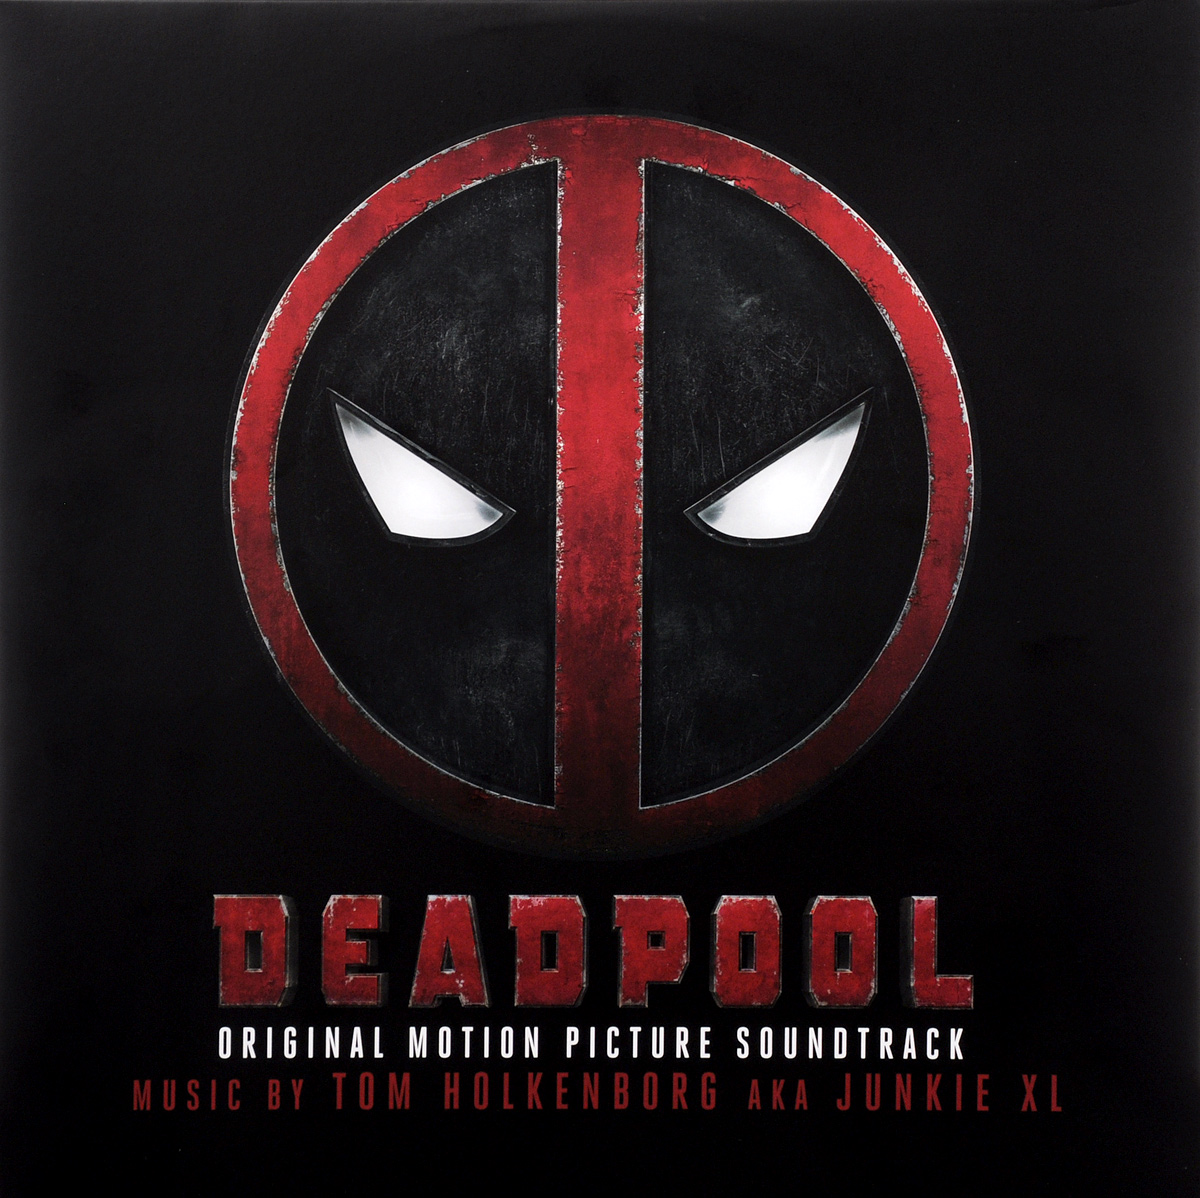 цена на Deadpool. Original Motion Picture Soundtrack (2 LP)